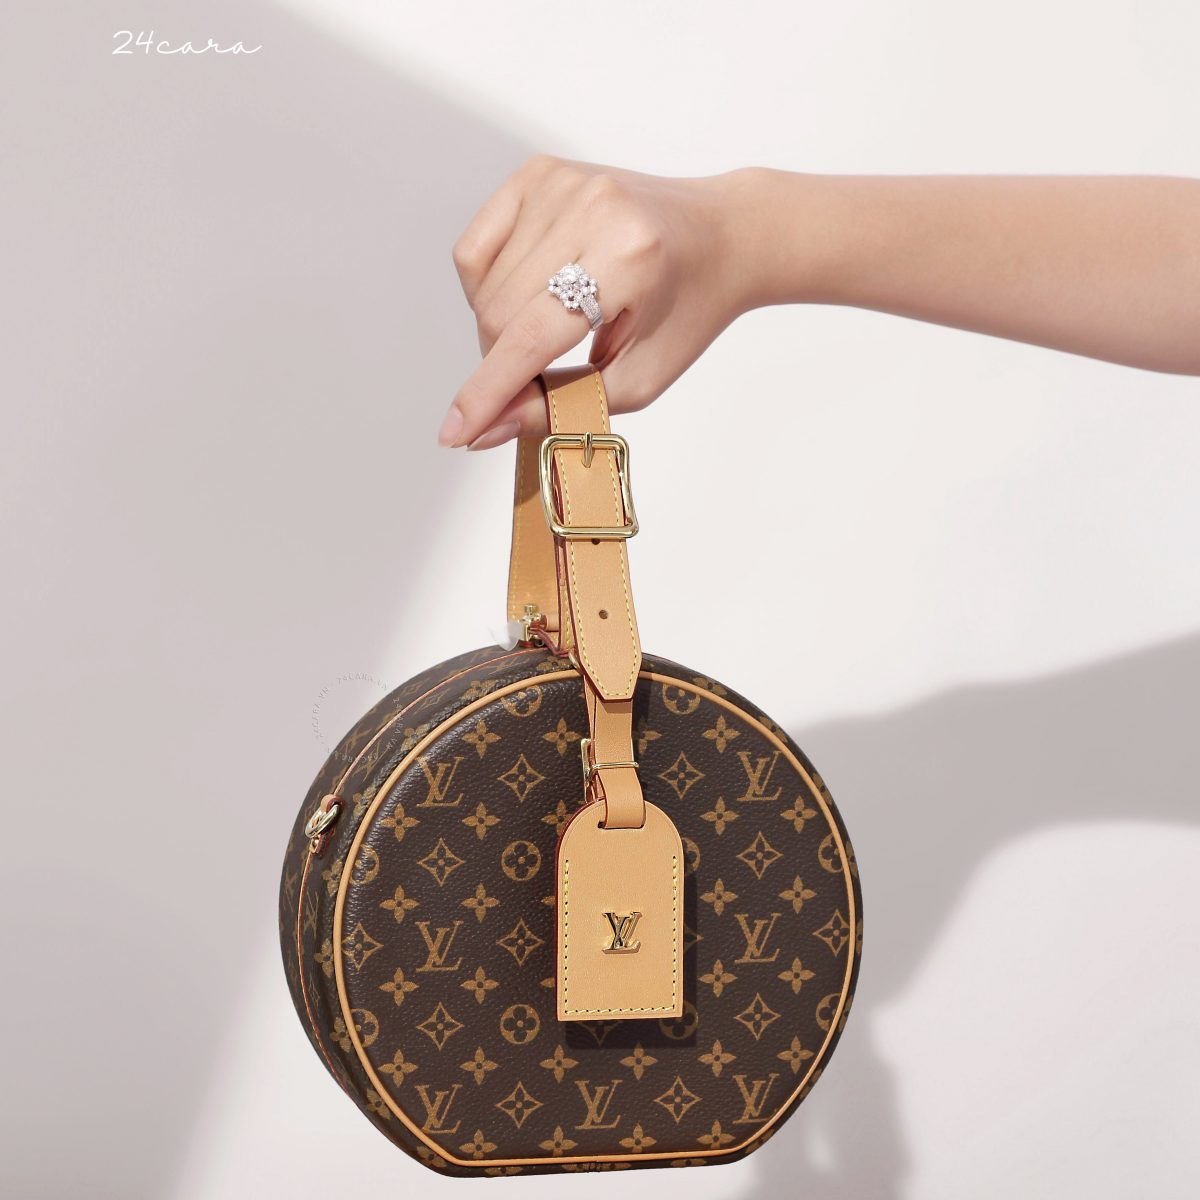 Mẫu túi xách của Louis Vuitton mê hoặc giới fashionista